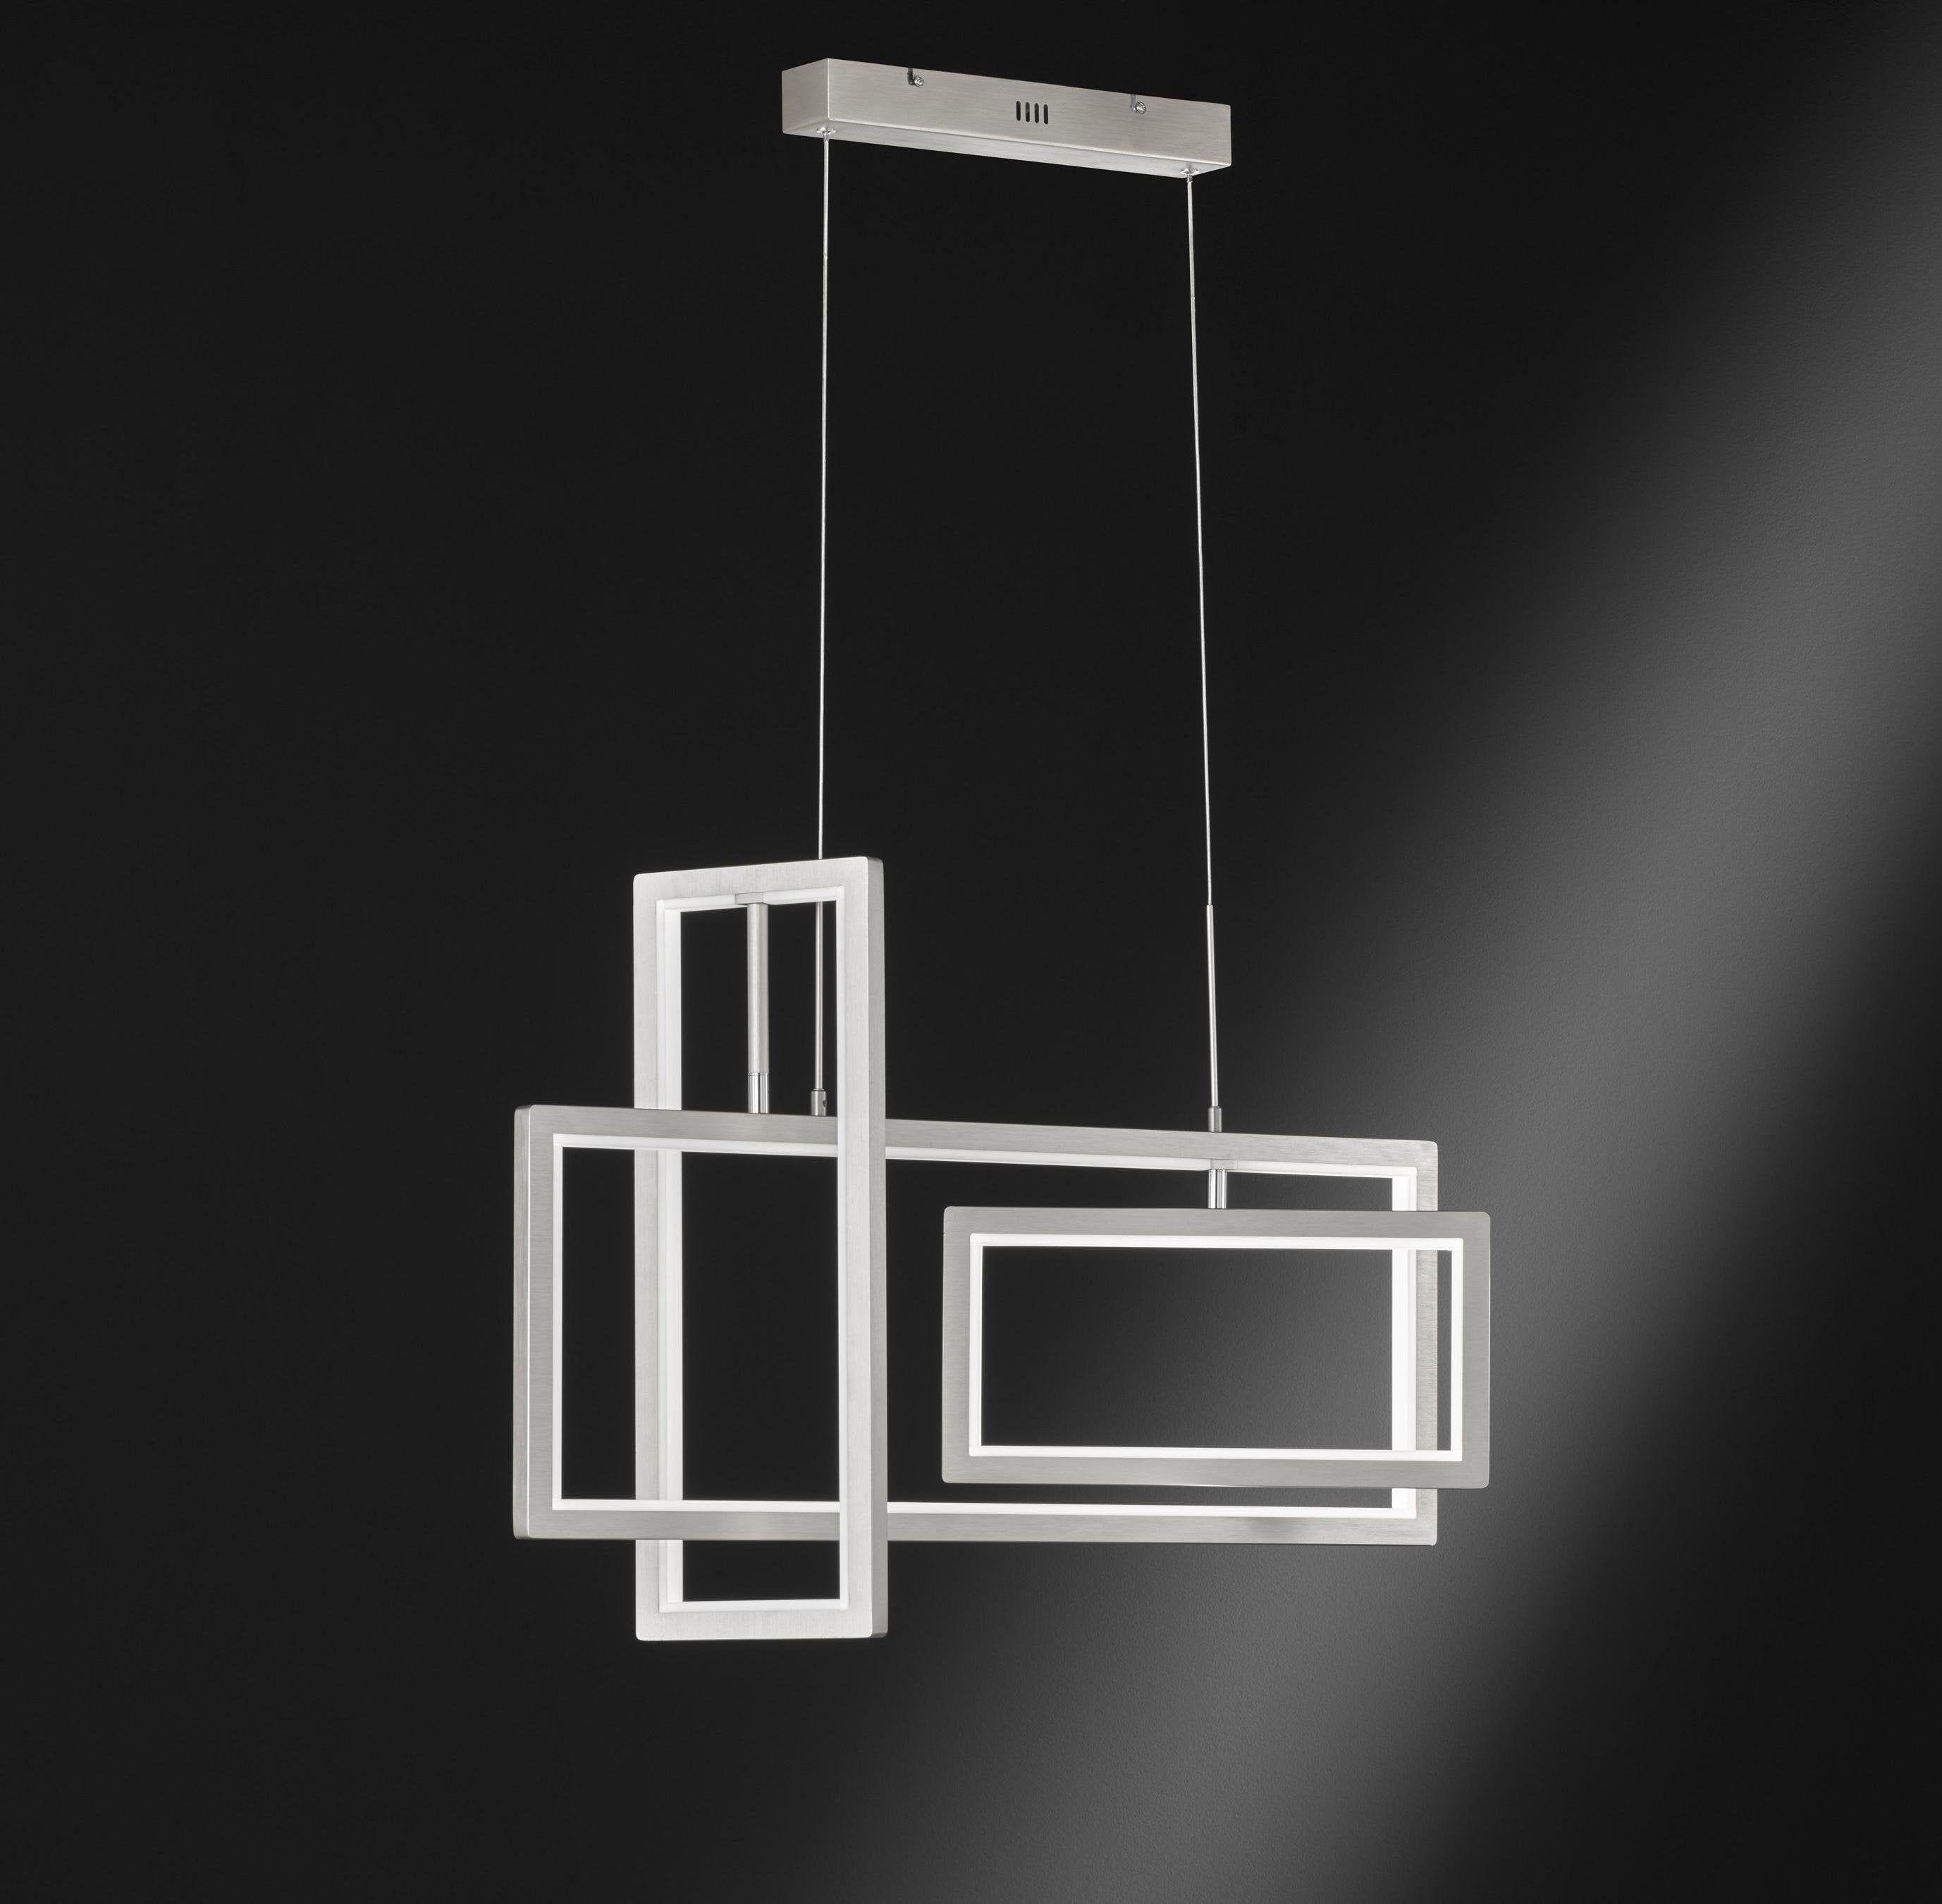 Lustre Moderne Metal Led Integree Wofi Led Suspension Design